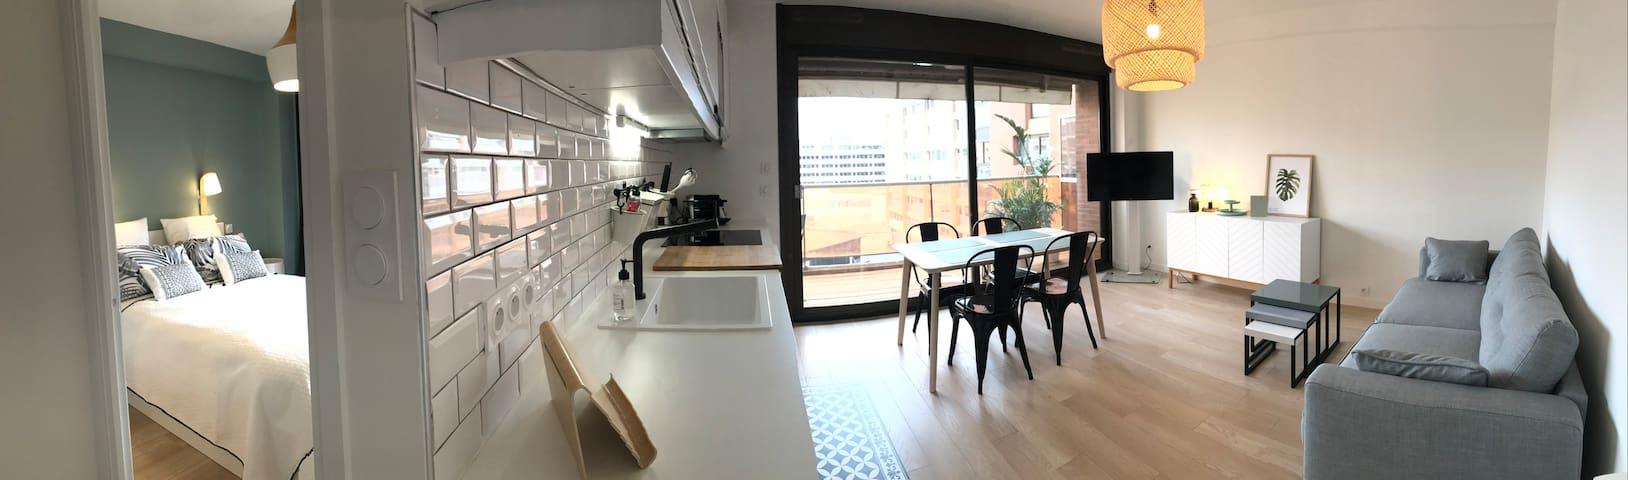 Hyper-centre, T2 rénové charme, terrasse + parking - Toulouse - Appartement